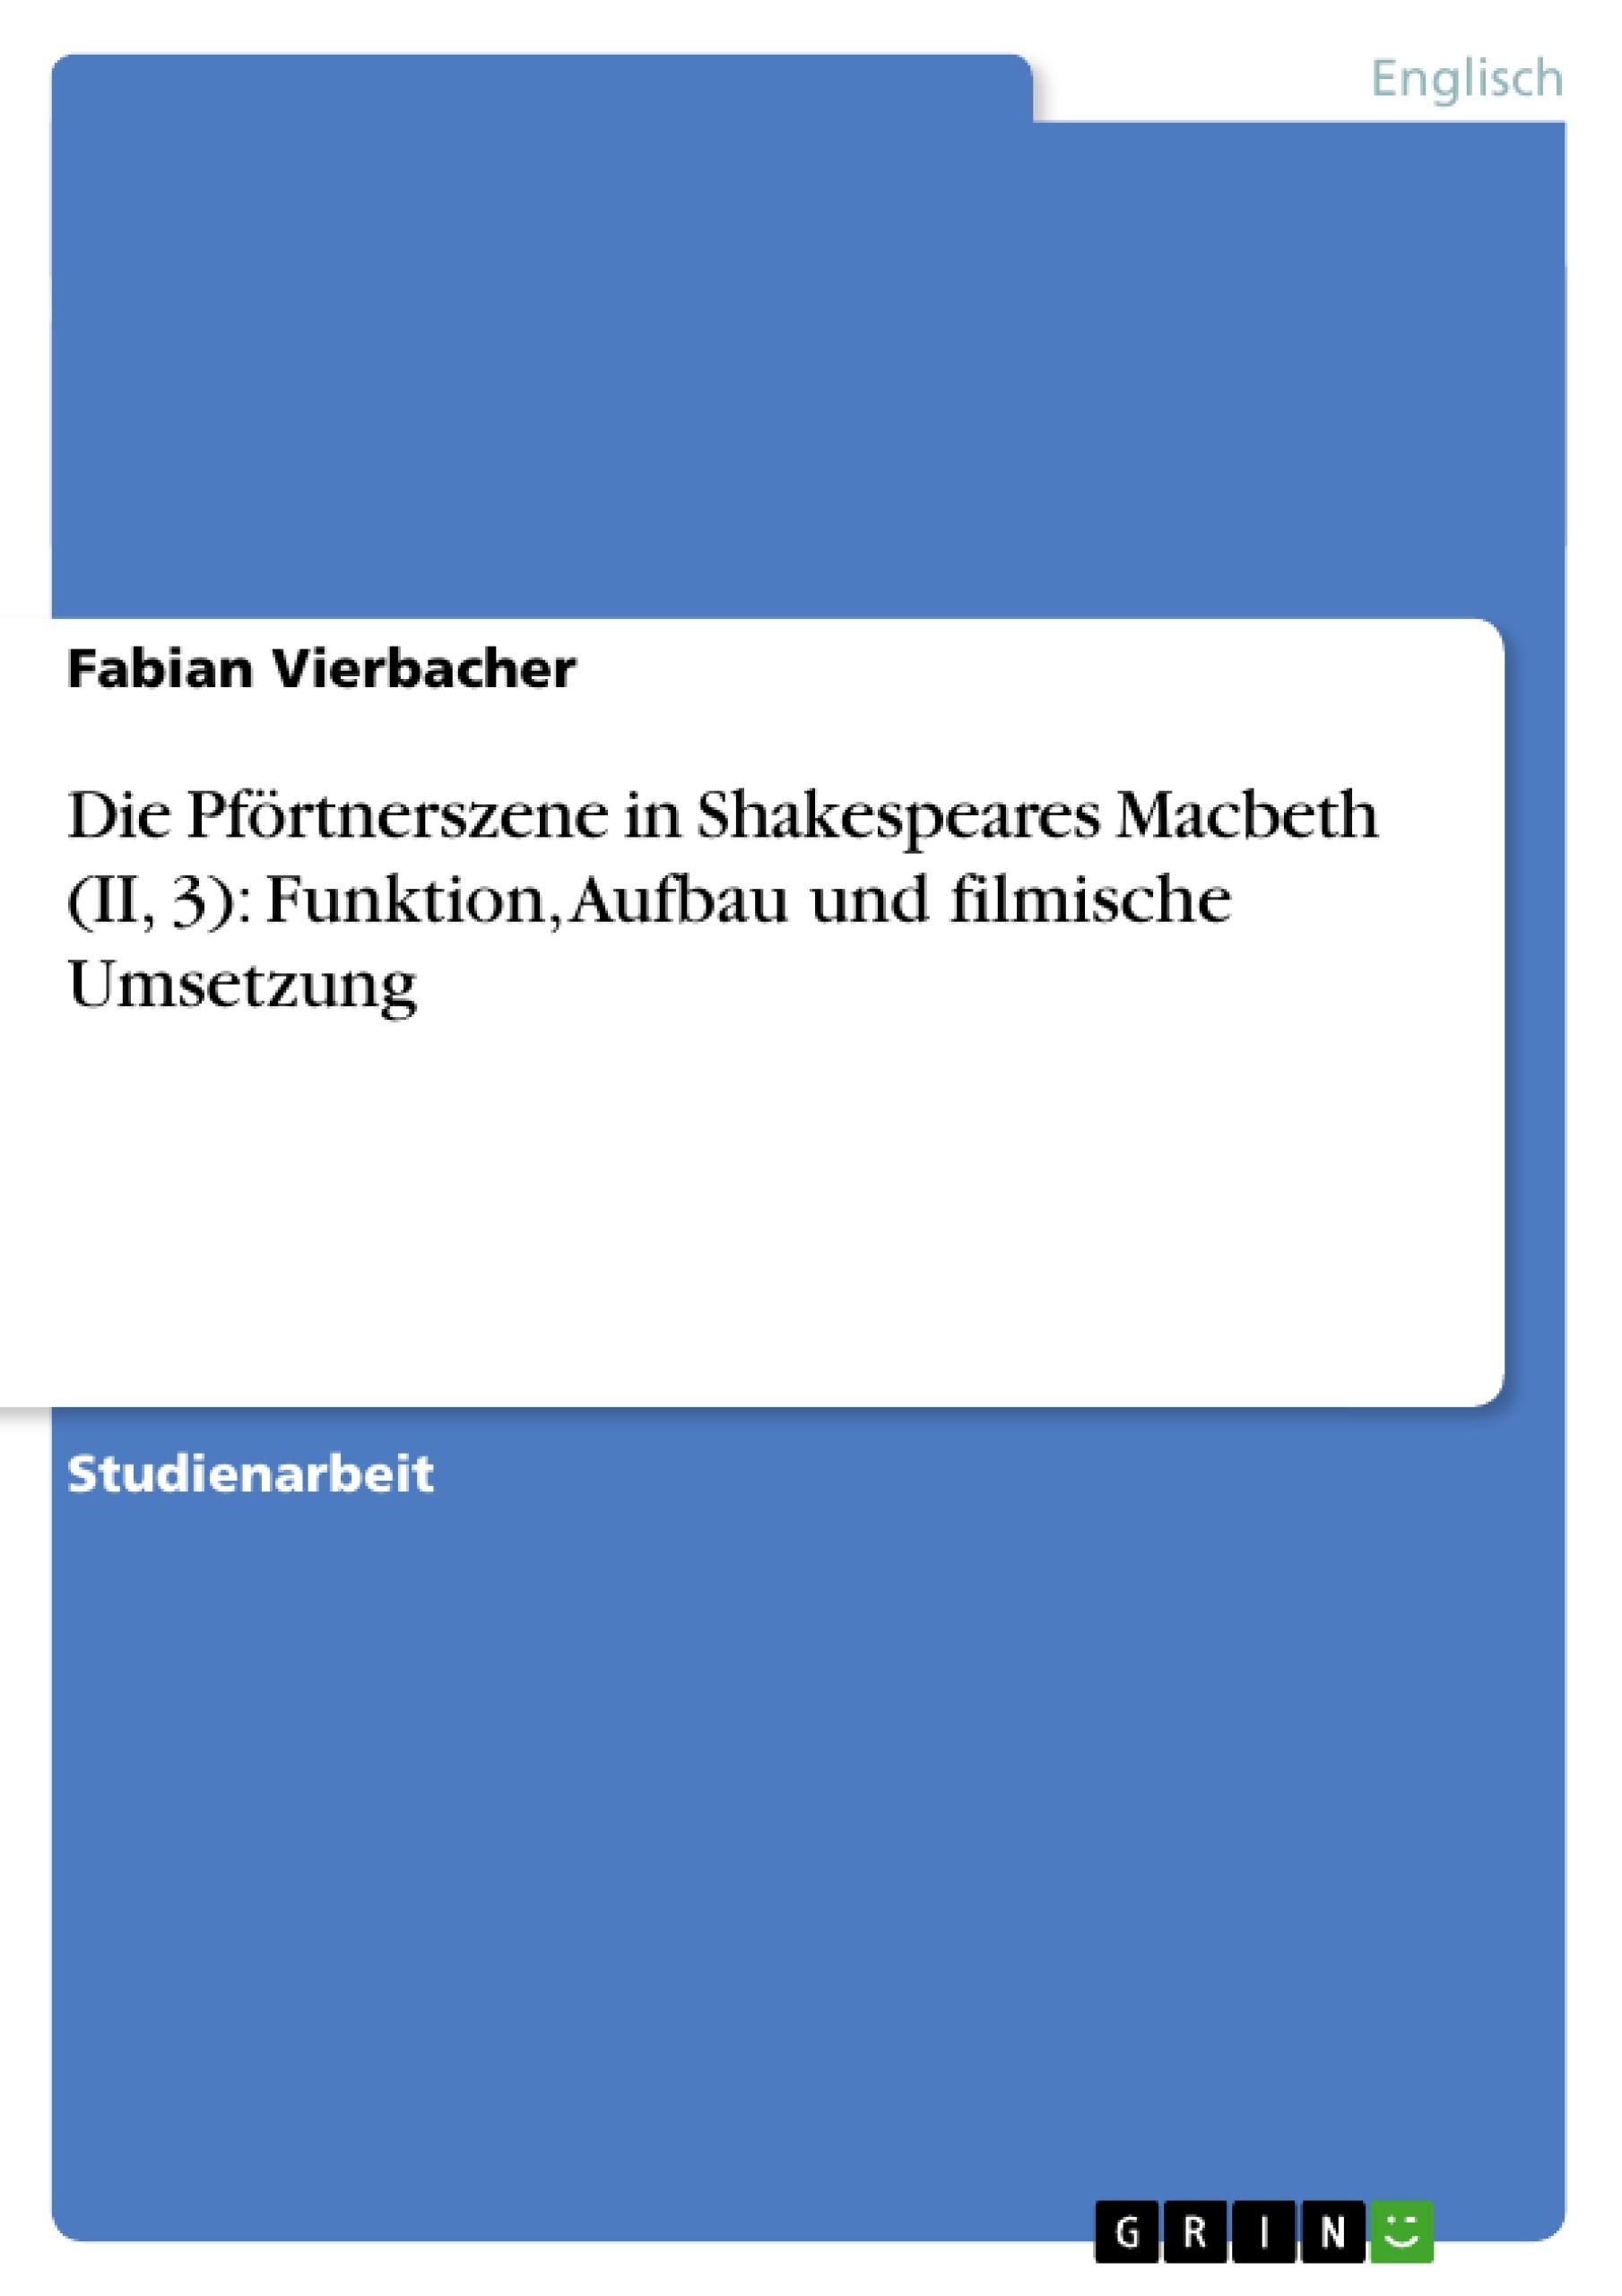 Titel: Die Pförtnerszene in Shakespeares Macbeth (II, 3): Funktion, Aufbau und filmische Umsetzung